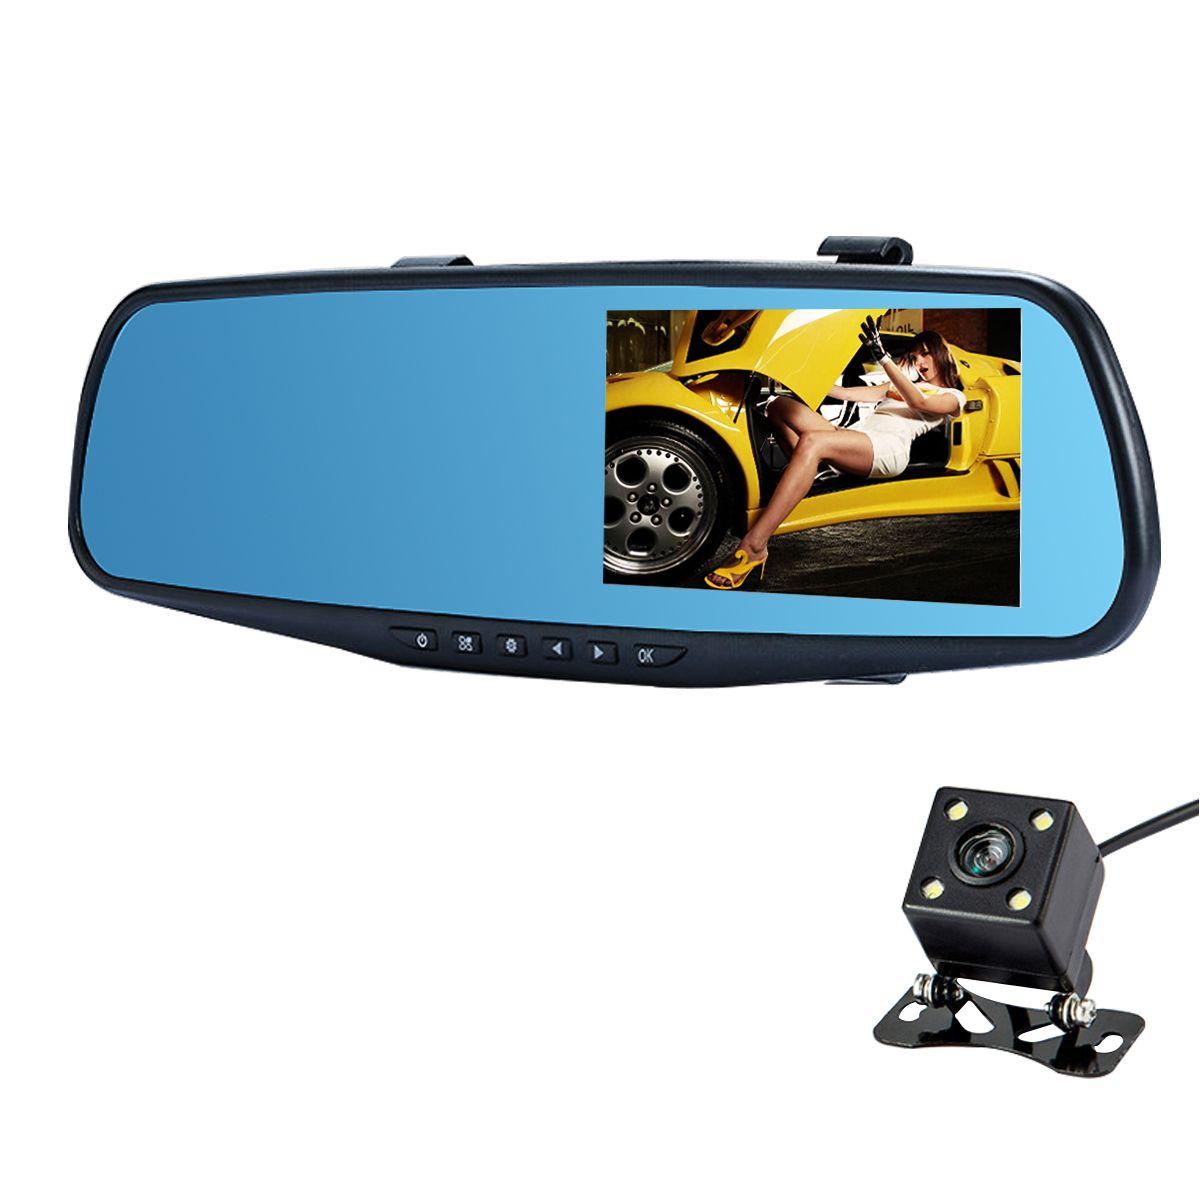 C30P Auto DVR Kamera Full HD 1080p Rückspiegel Auto DVR Doppelobjektiv Dash Cam Video Registrator Cam Recorder